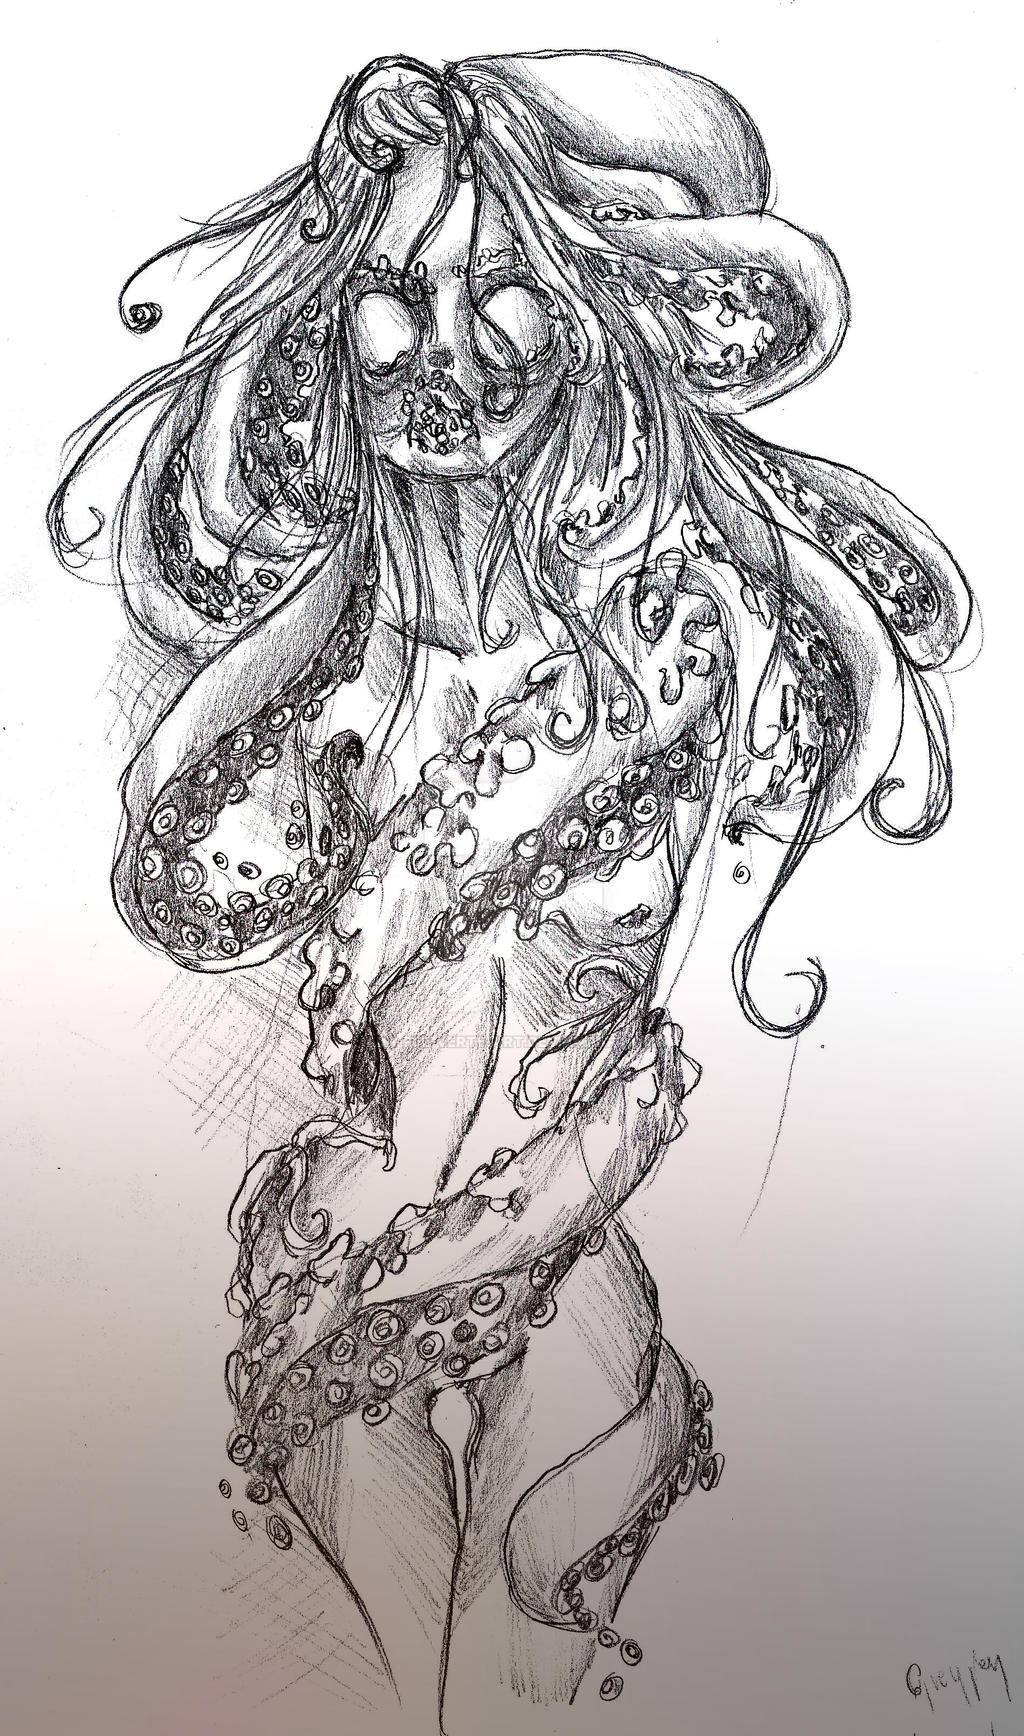 kraken fee